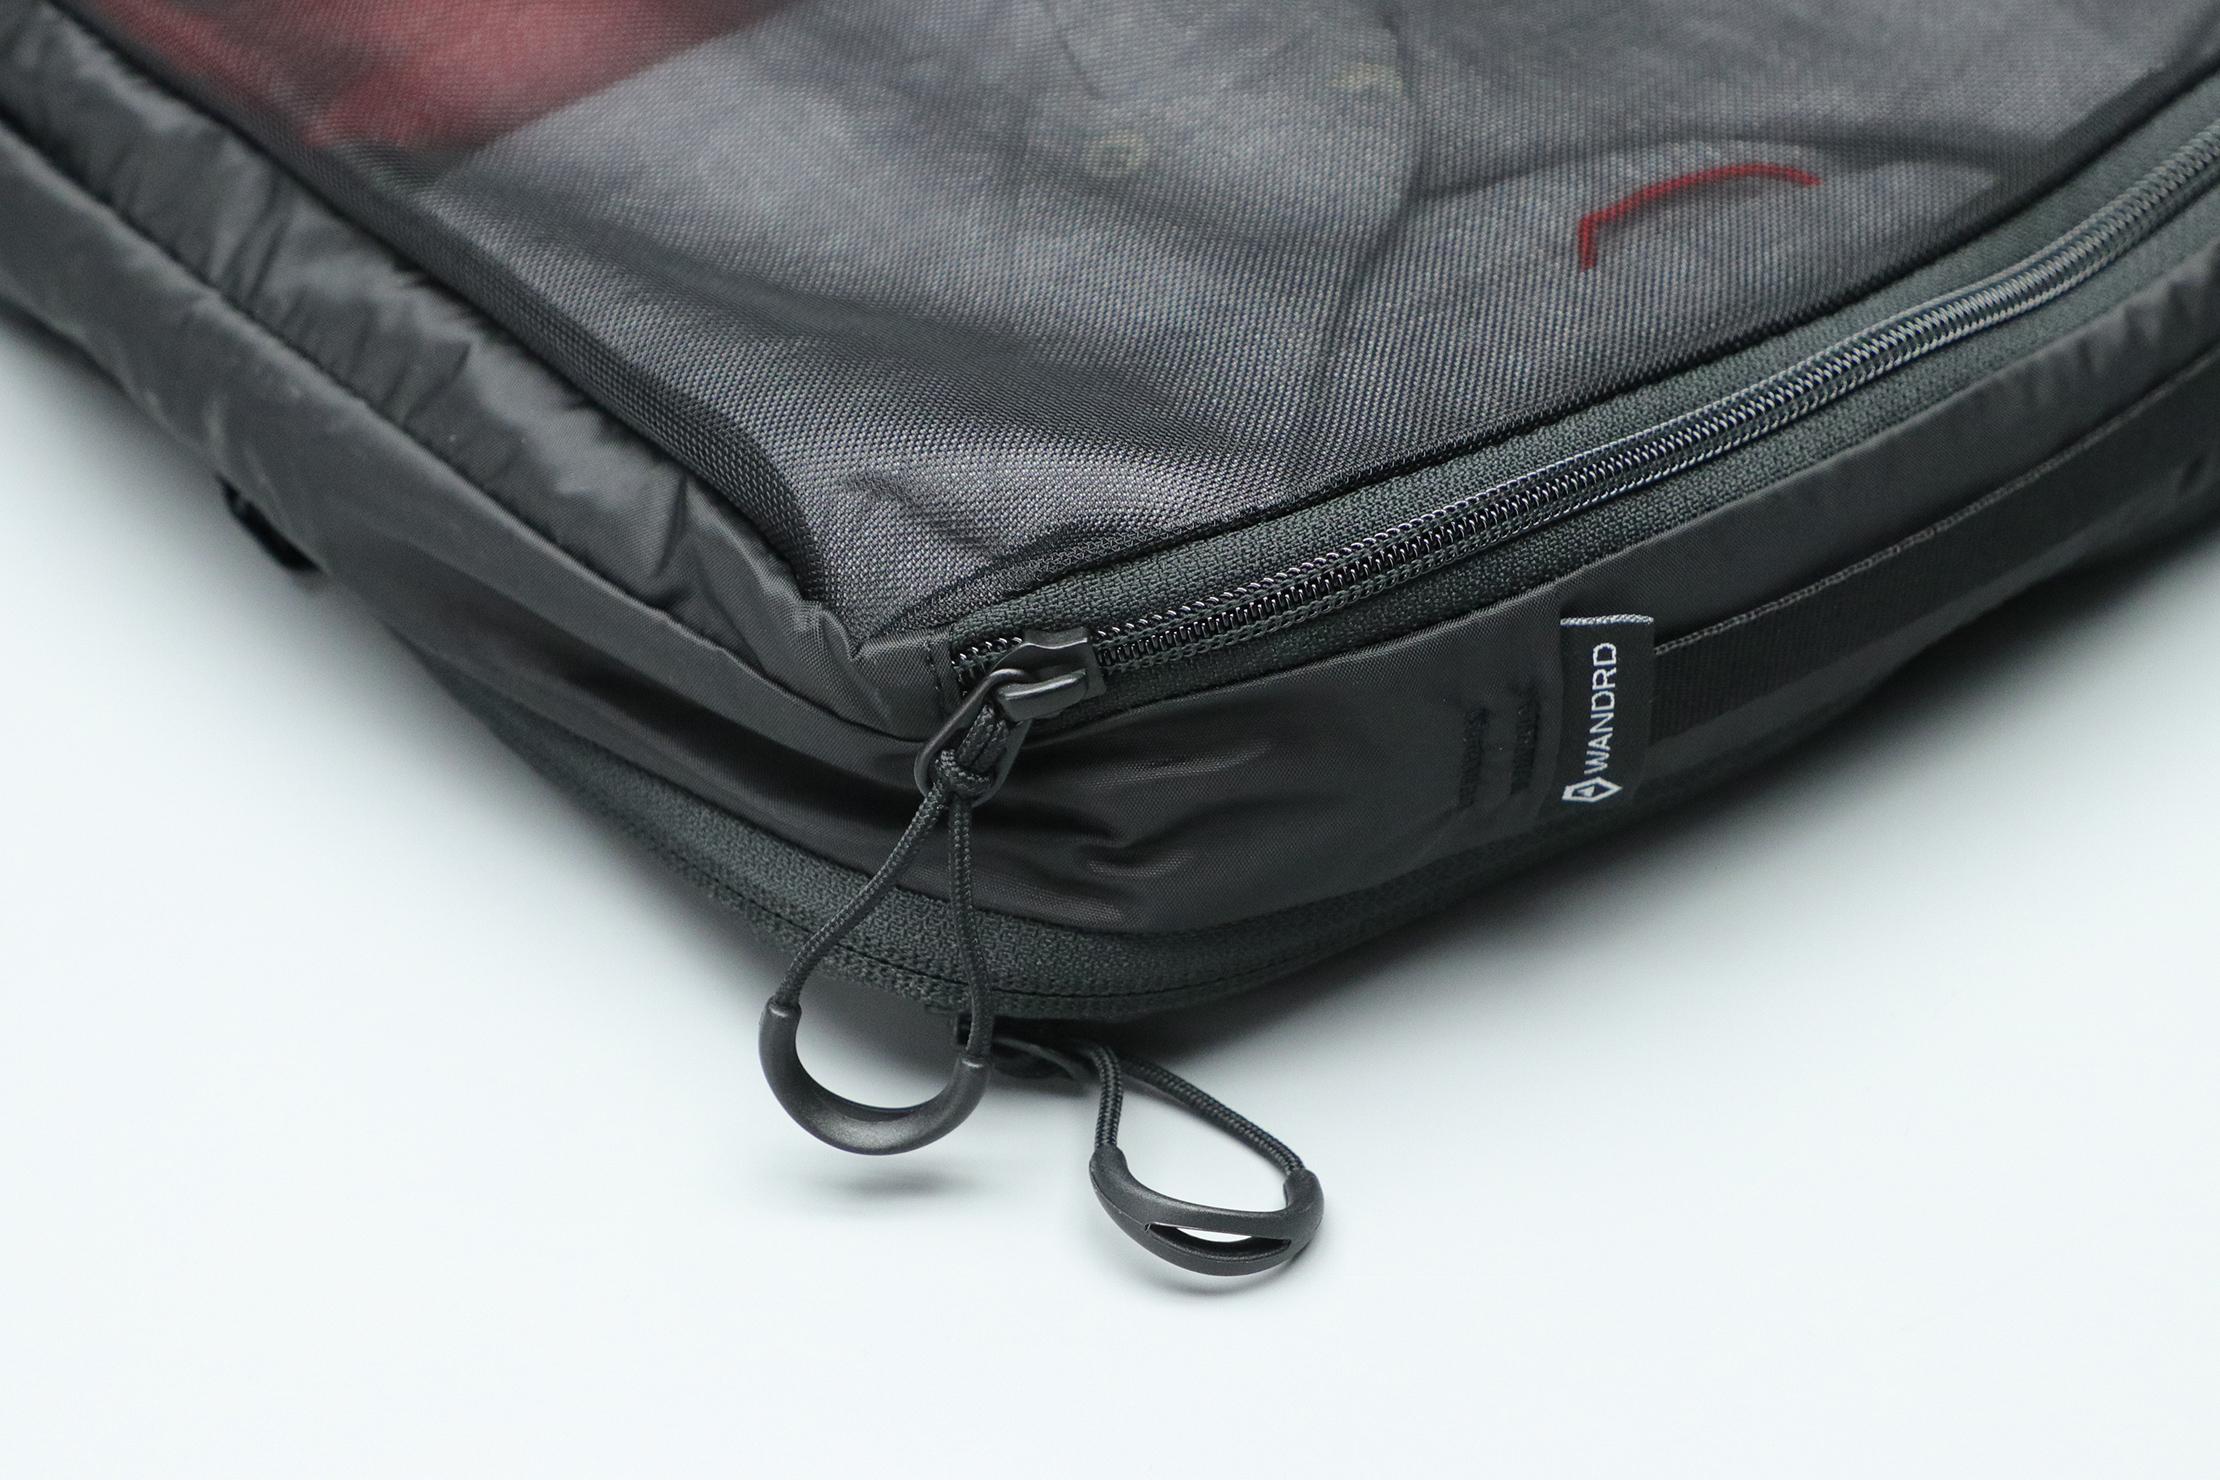 WANDRD Packing Cubes Logo and Zipper